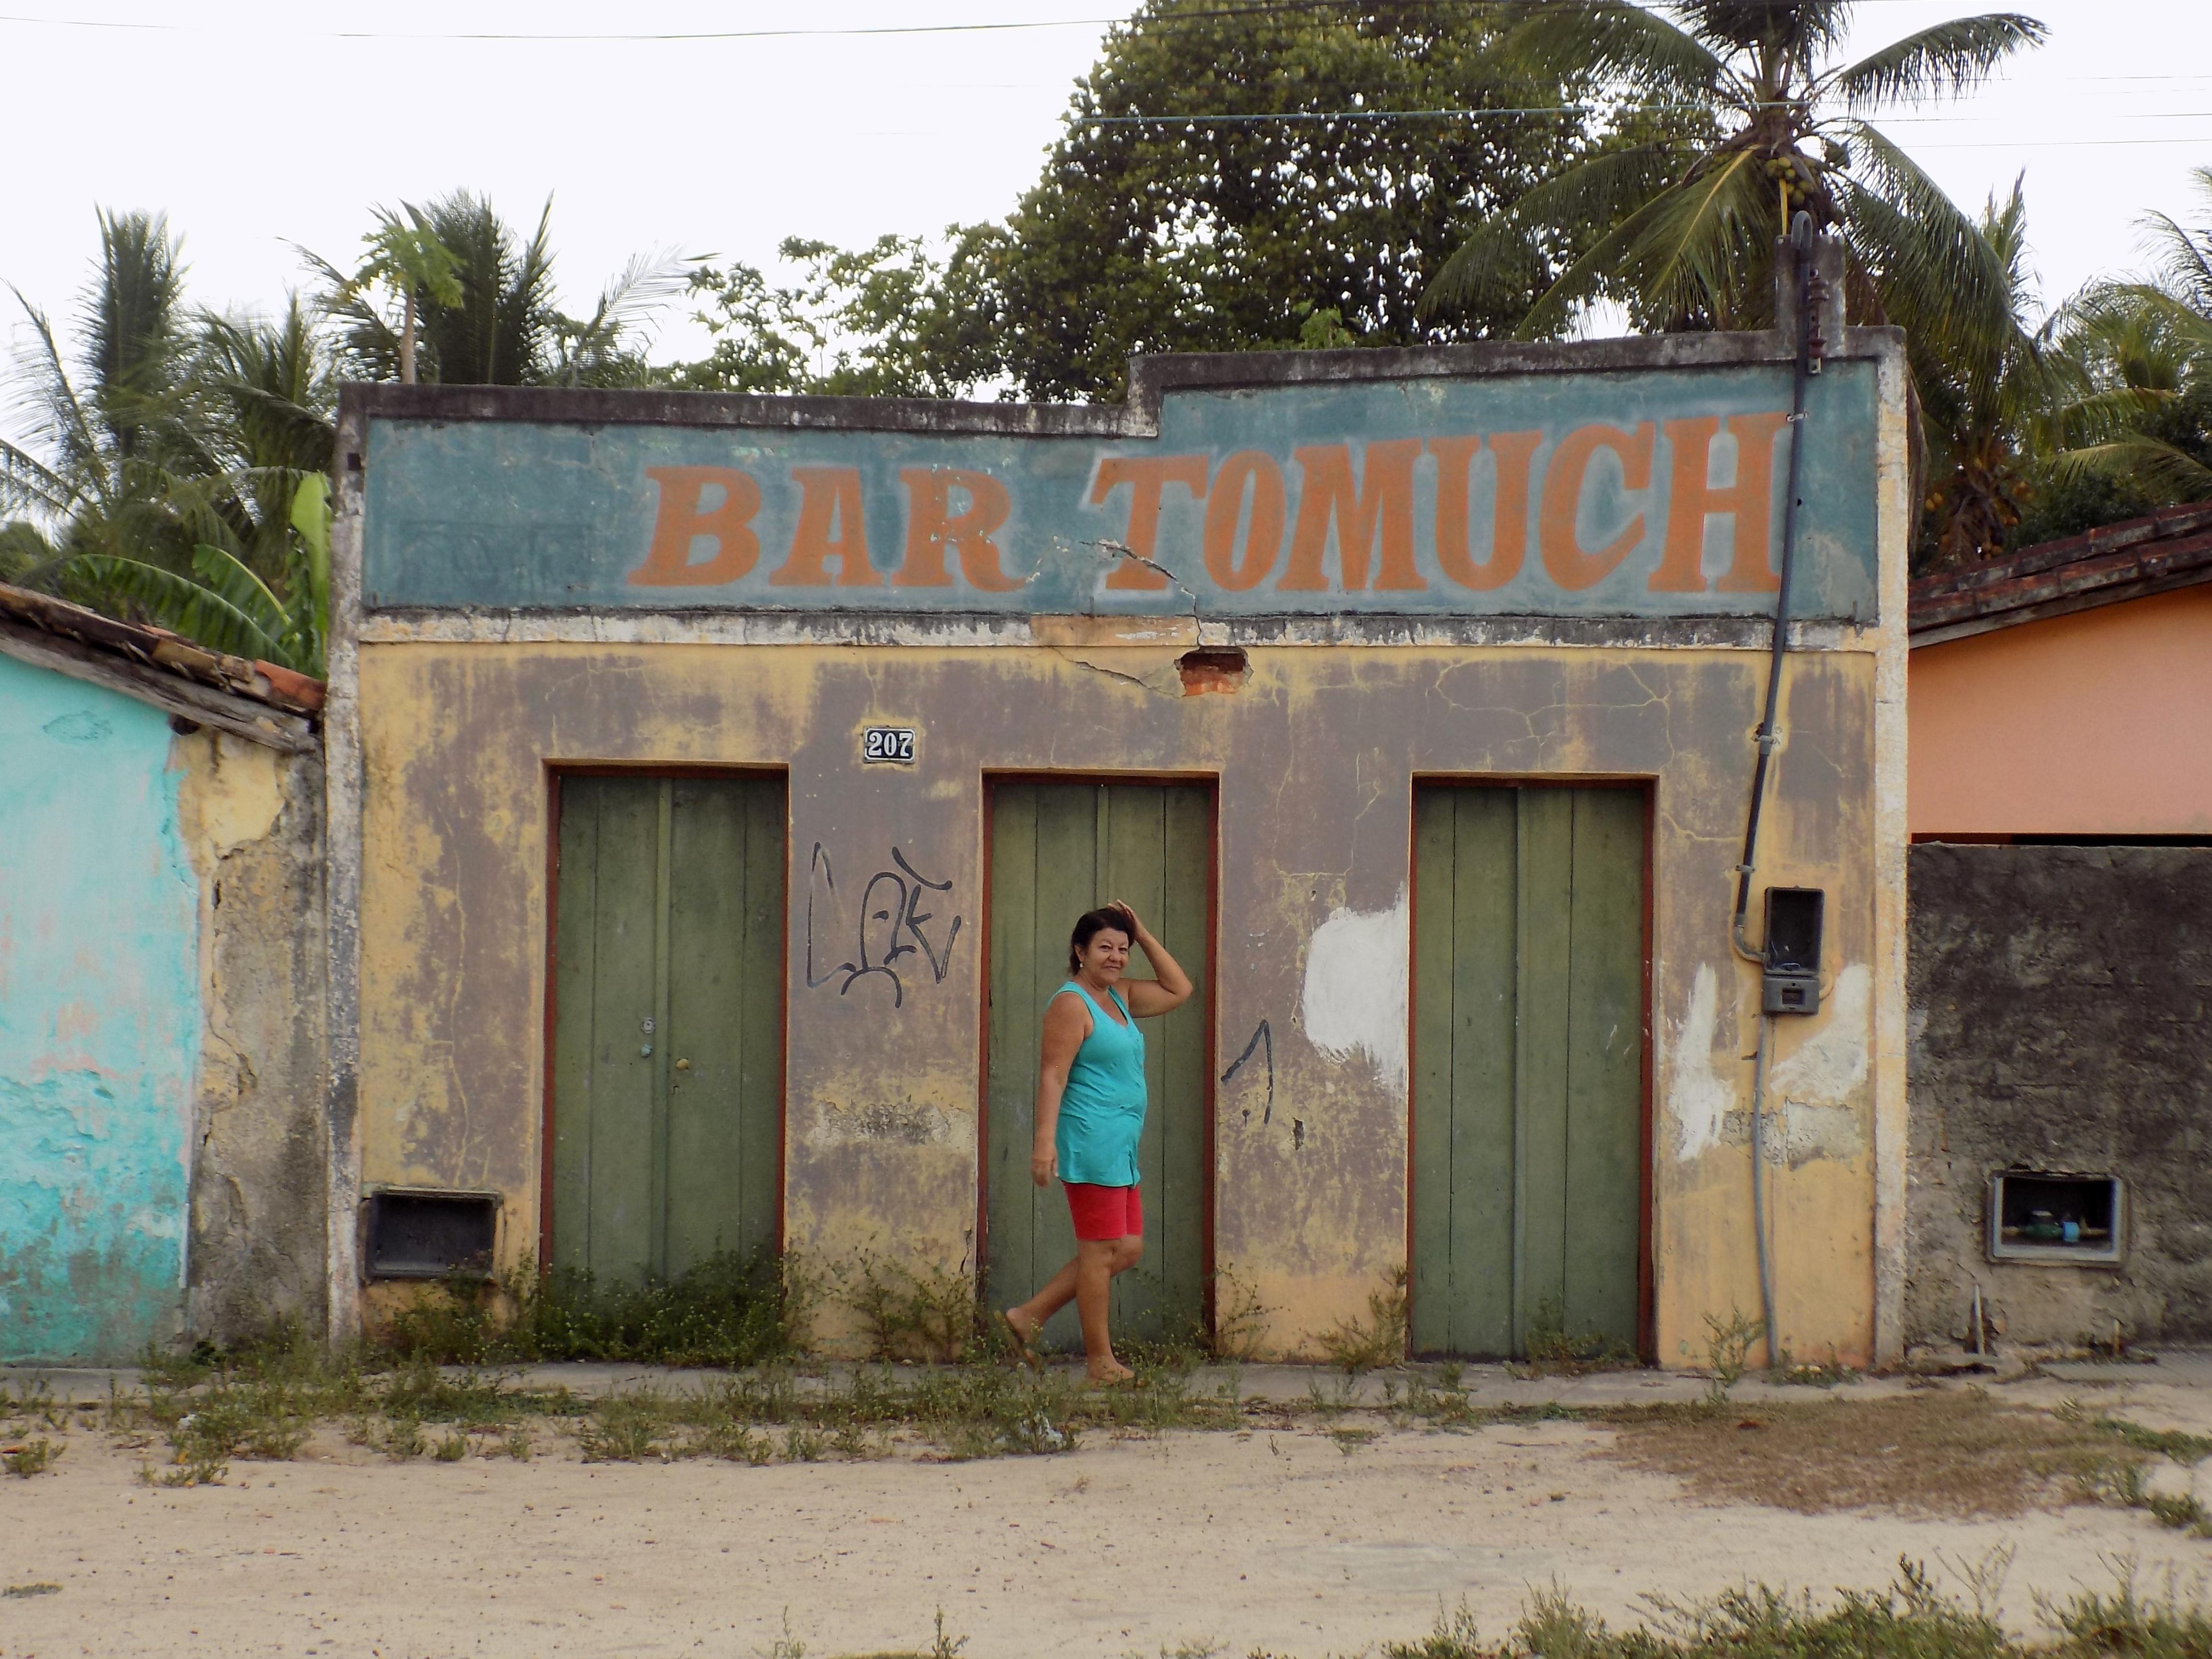 Bar Tomuch